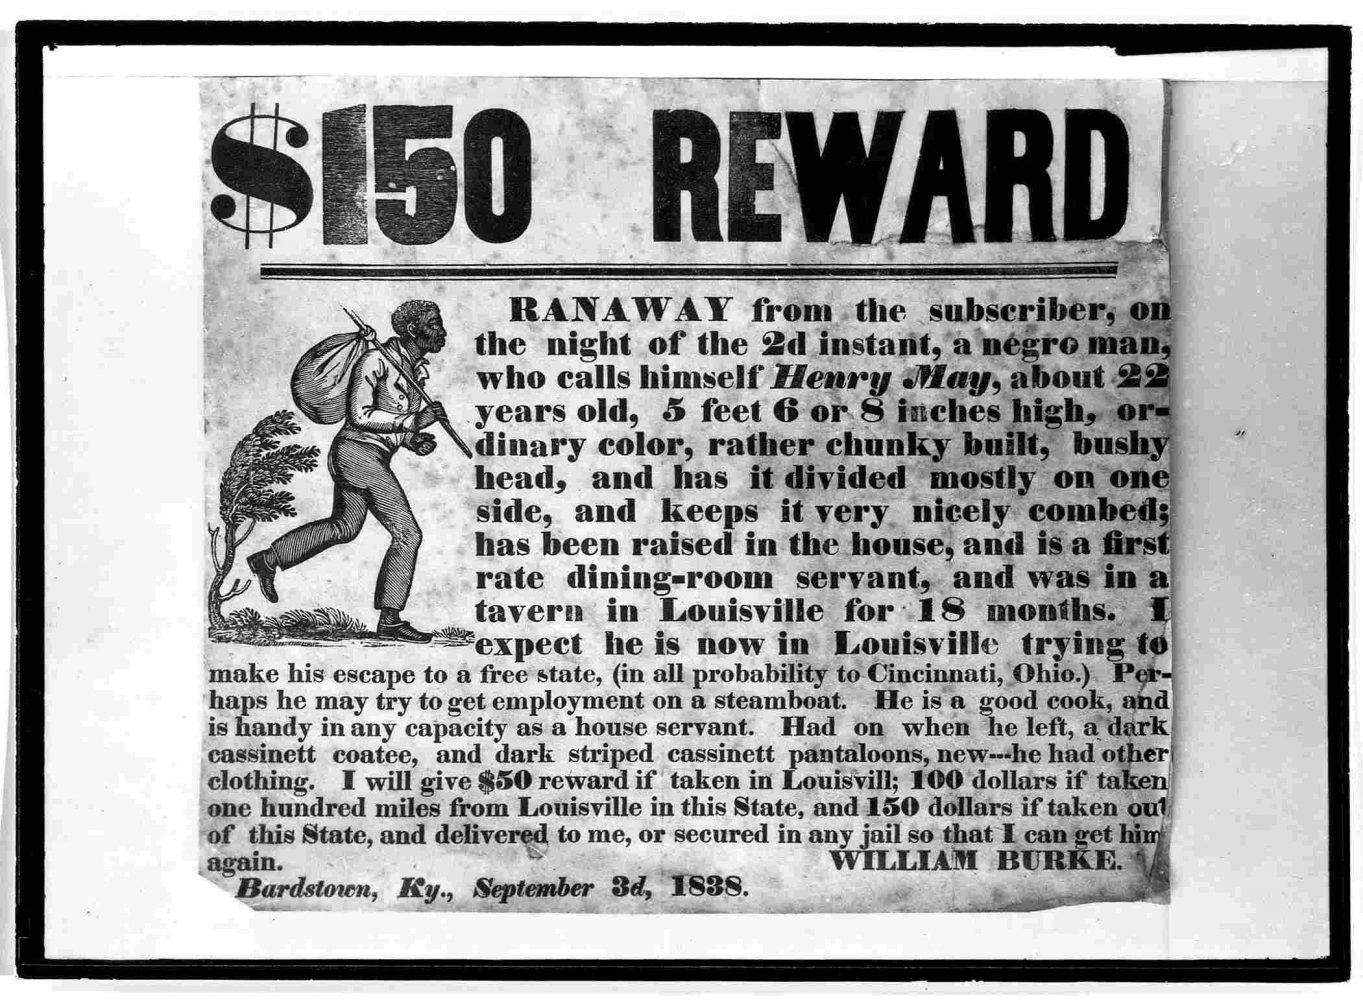 Harriet+Tubman+